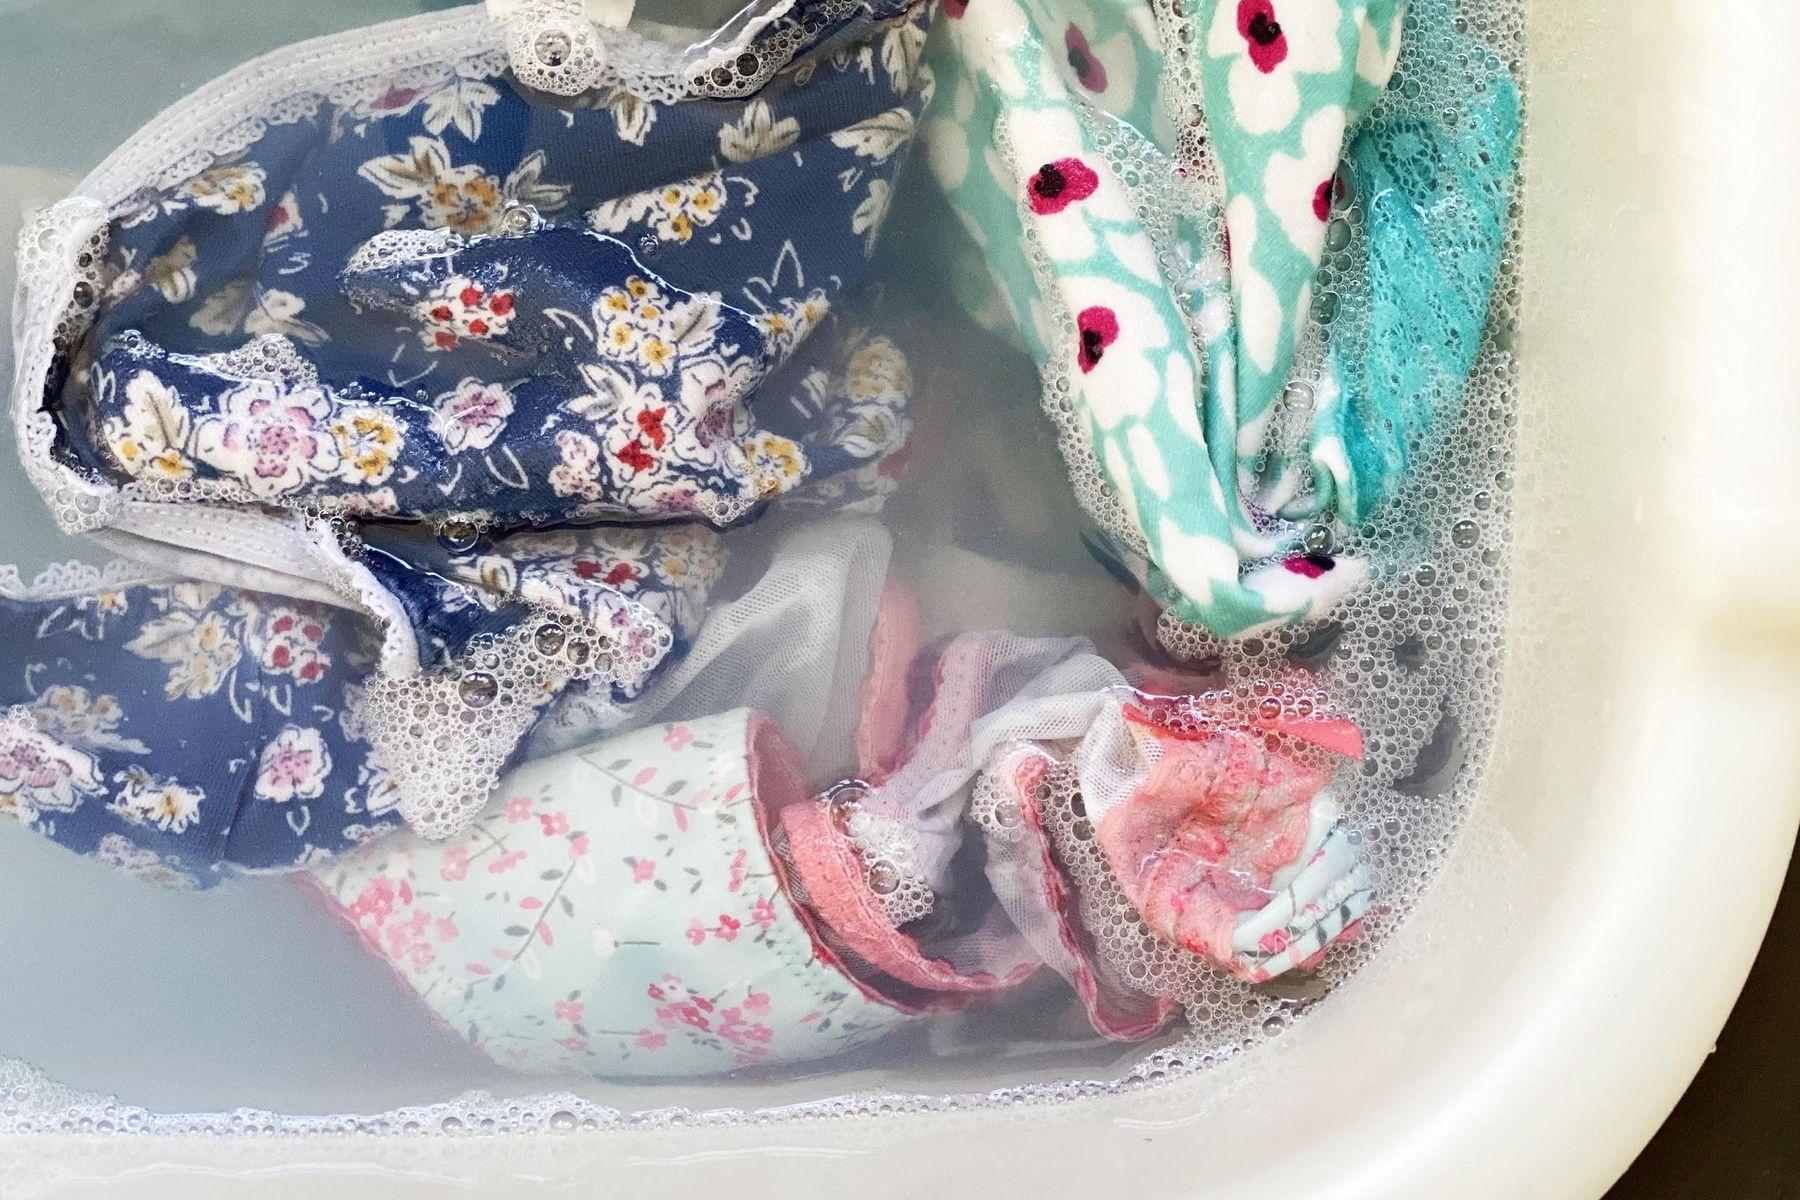 iç çamaşırları hangi programda yıkanır